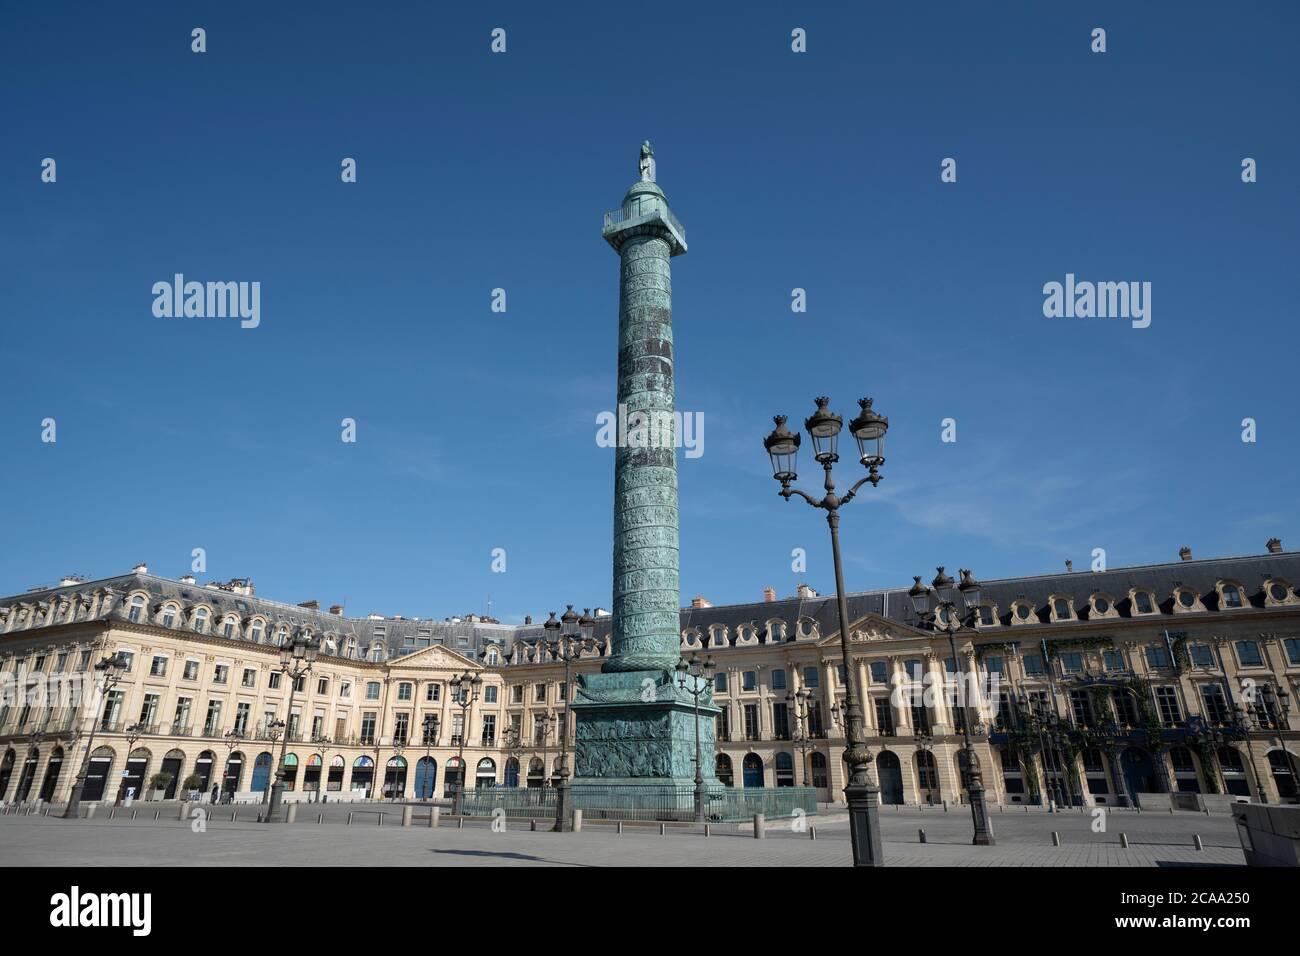 Francia, Parigi, maggio, Vista di Place Vendome con colonna Vendome Foto Stock